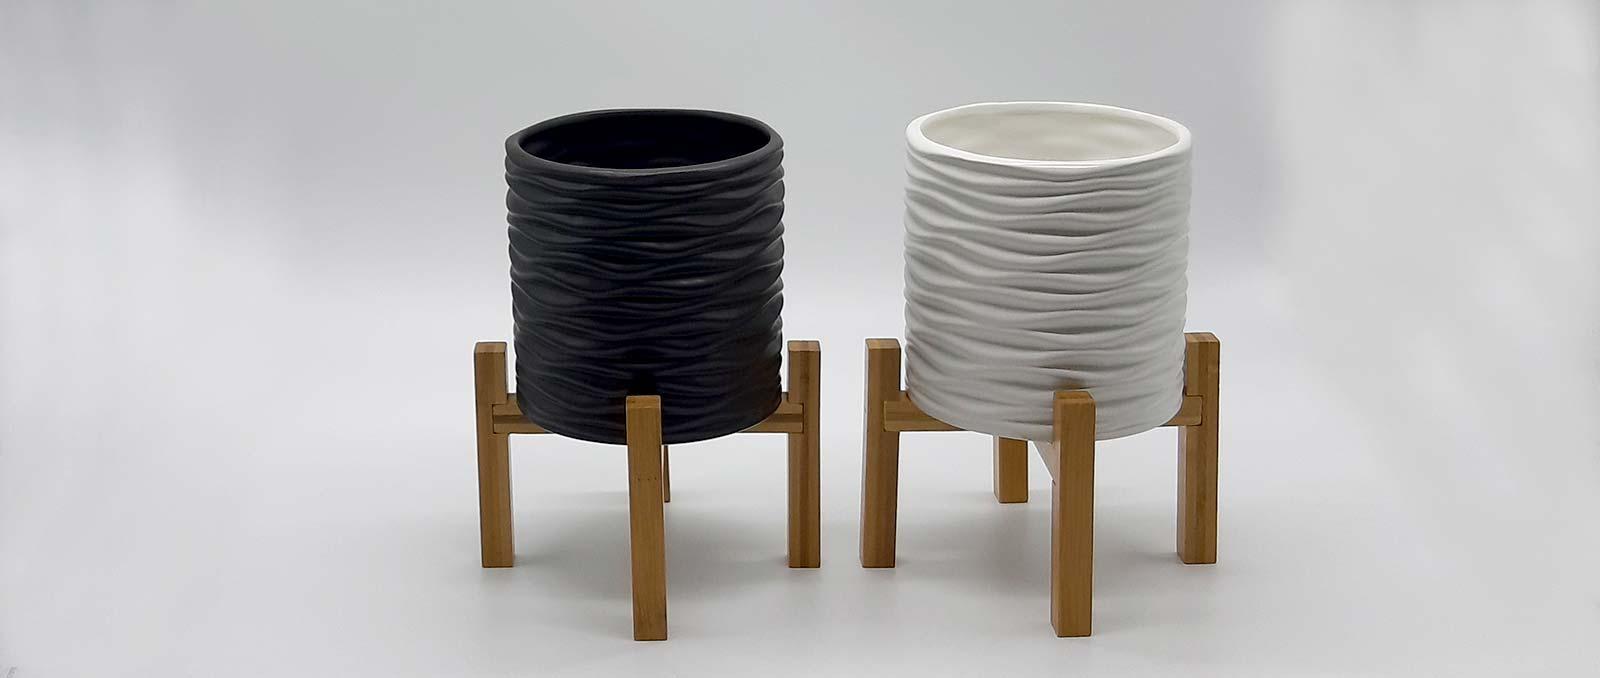 pot-on-bamboo-legs